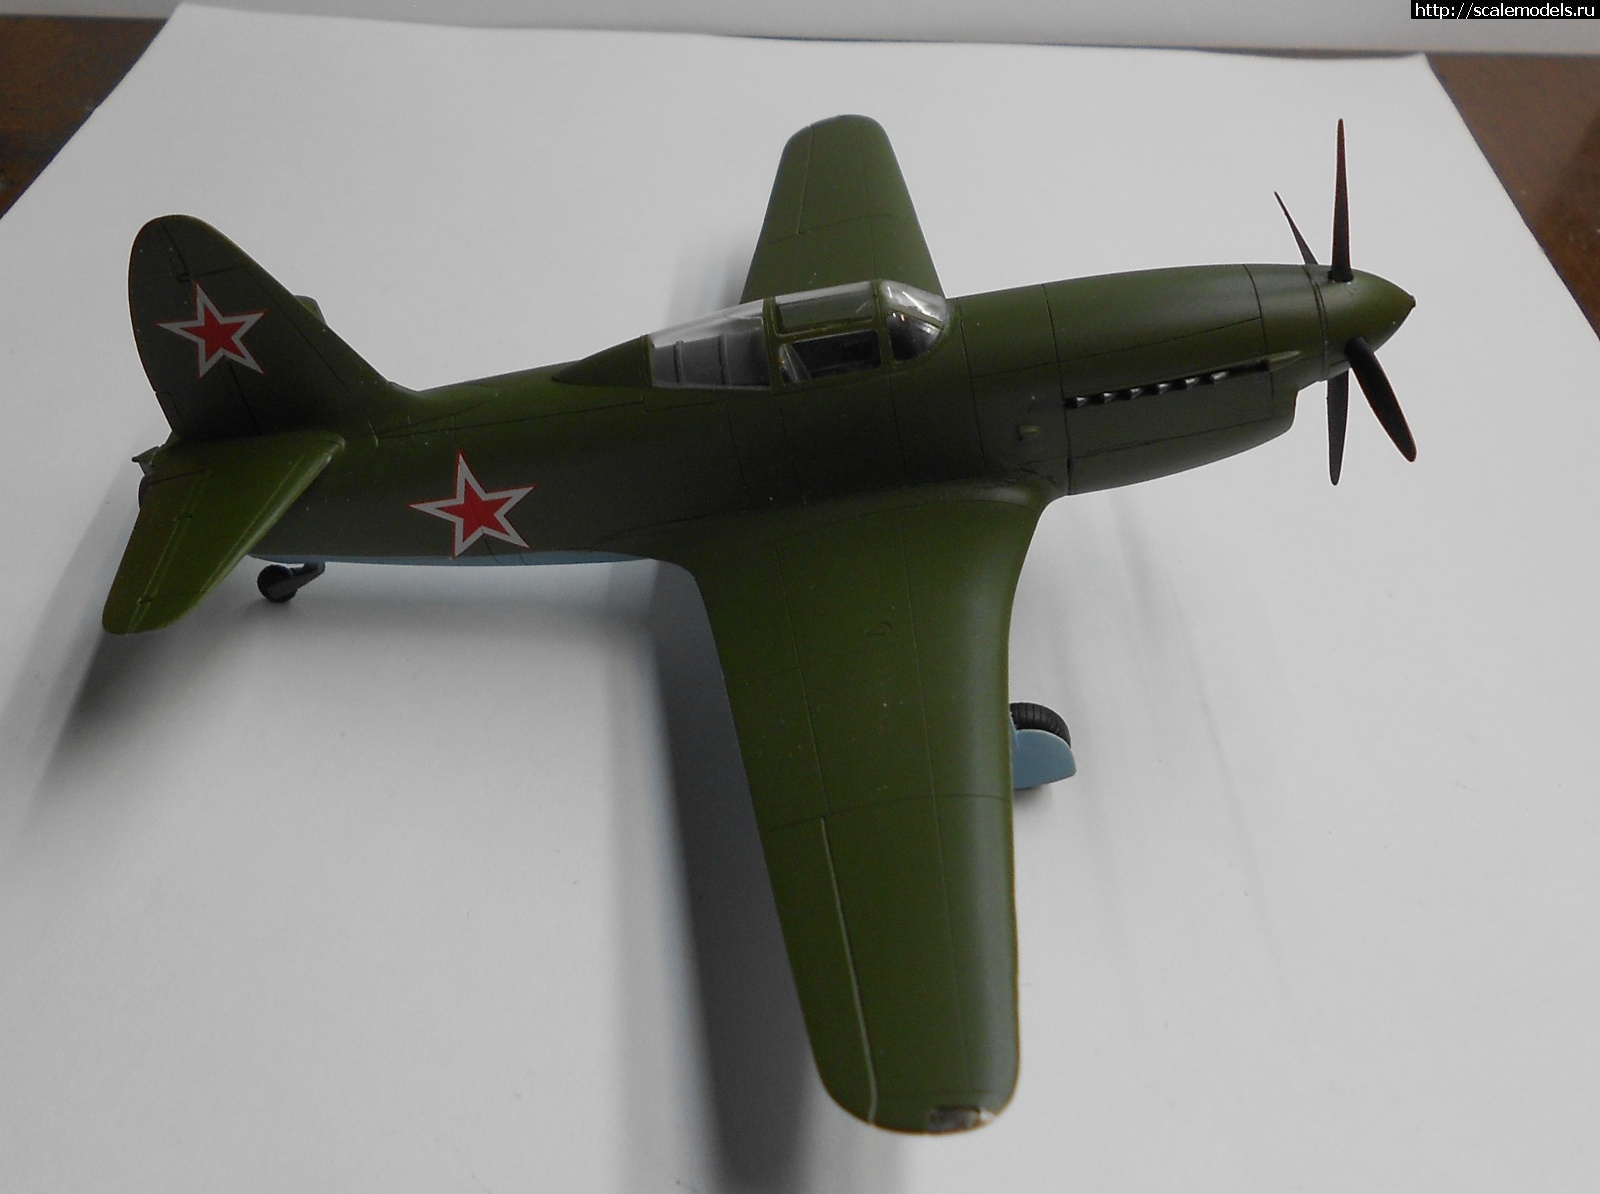 #1596747/ Су-5 Prop&Jet 1/72 поддержка ГОТОВО Закрыть окно